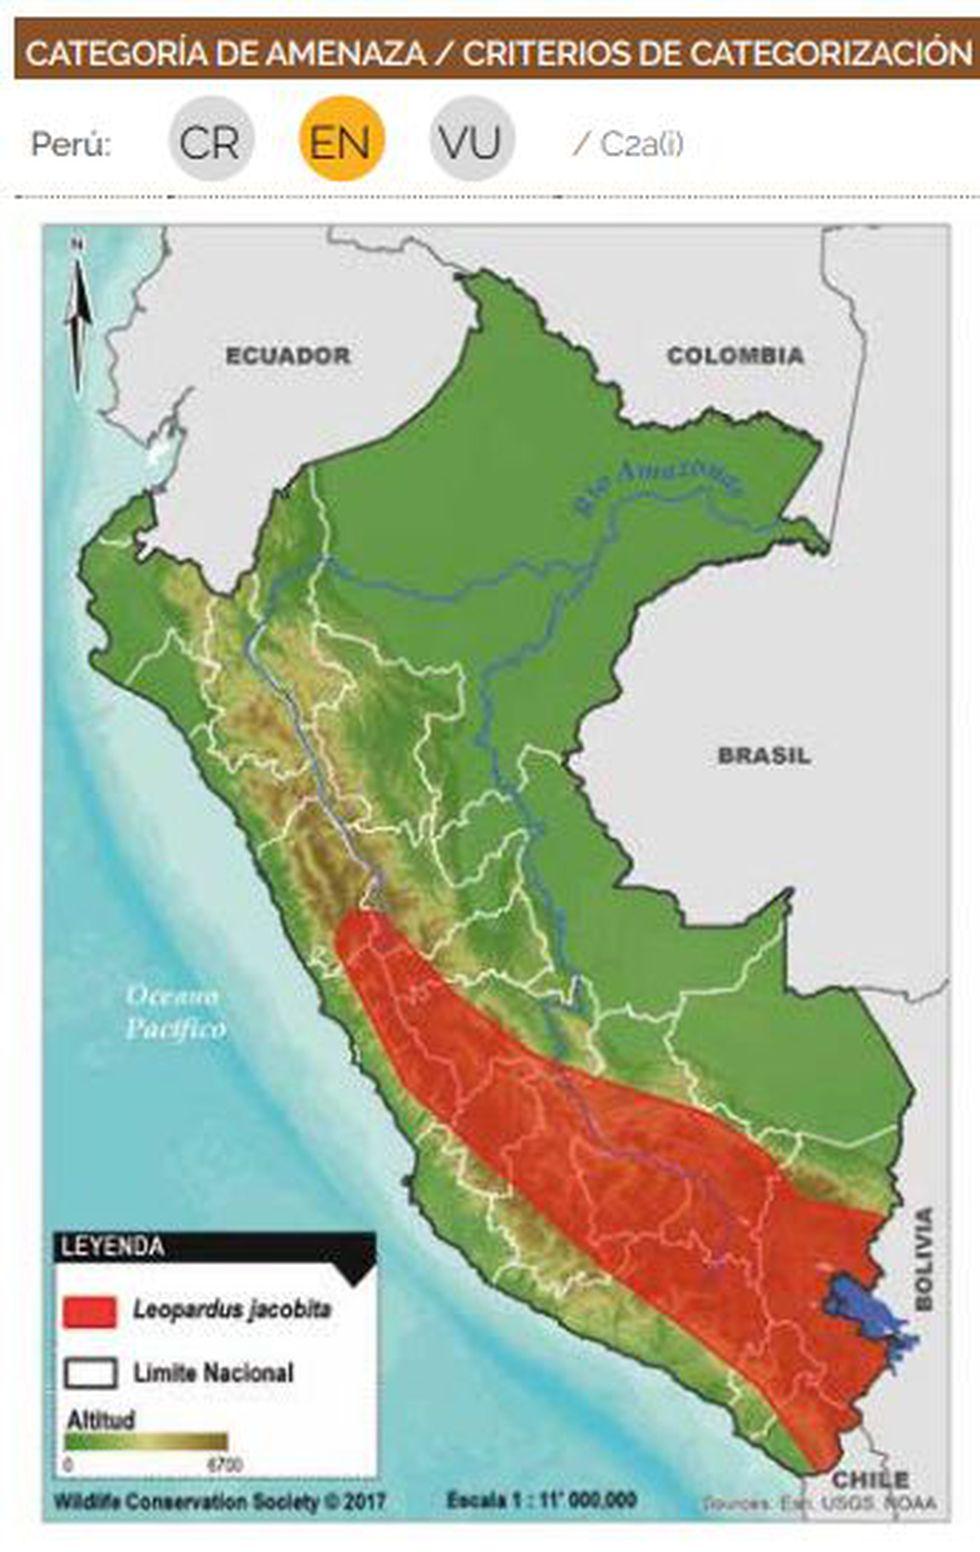 Zonas de distribución del Gato andino en Perú. (Imagen: Serfor)